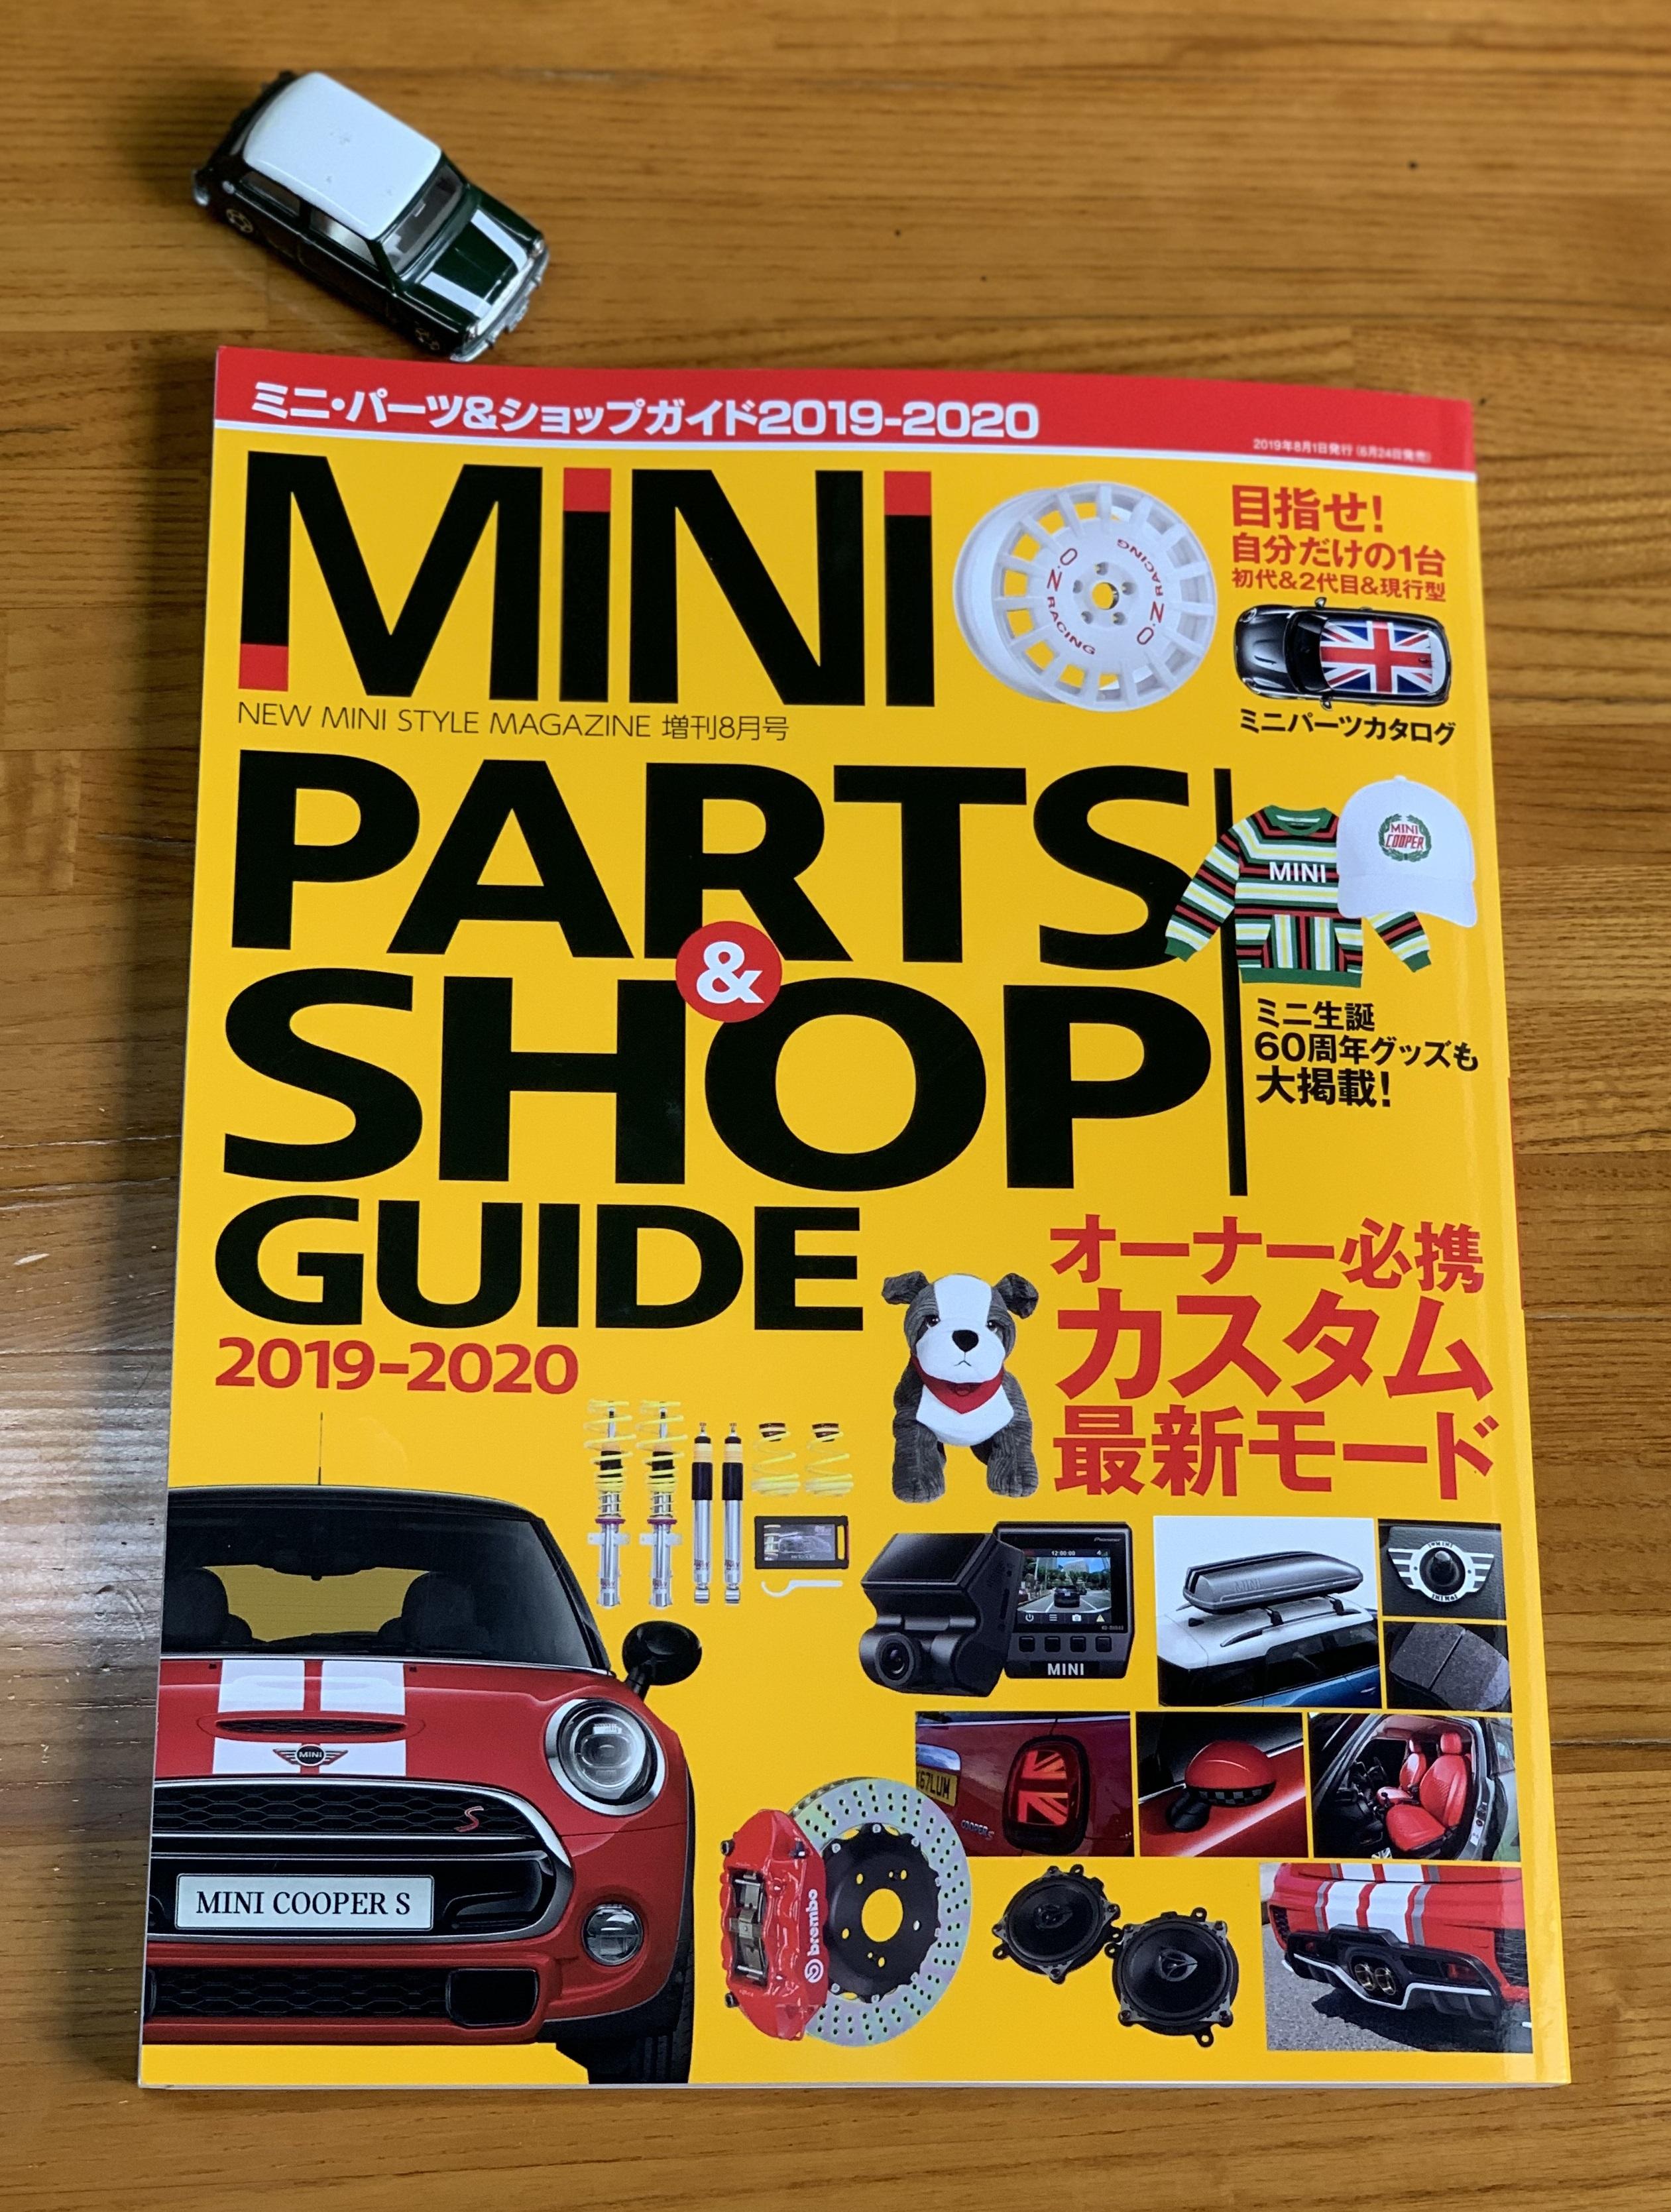 miniparts&shopguide